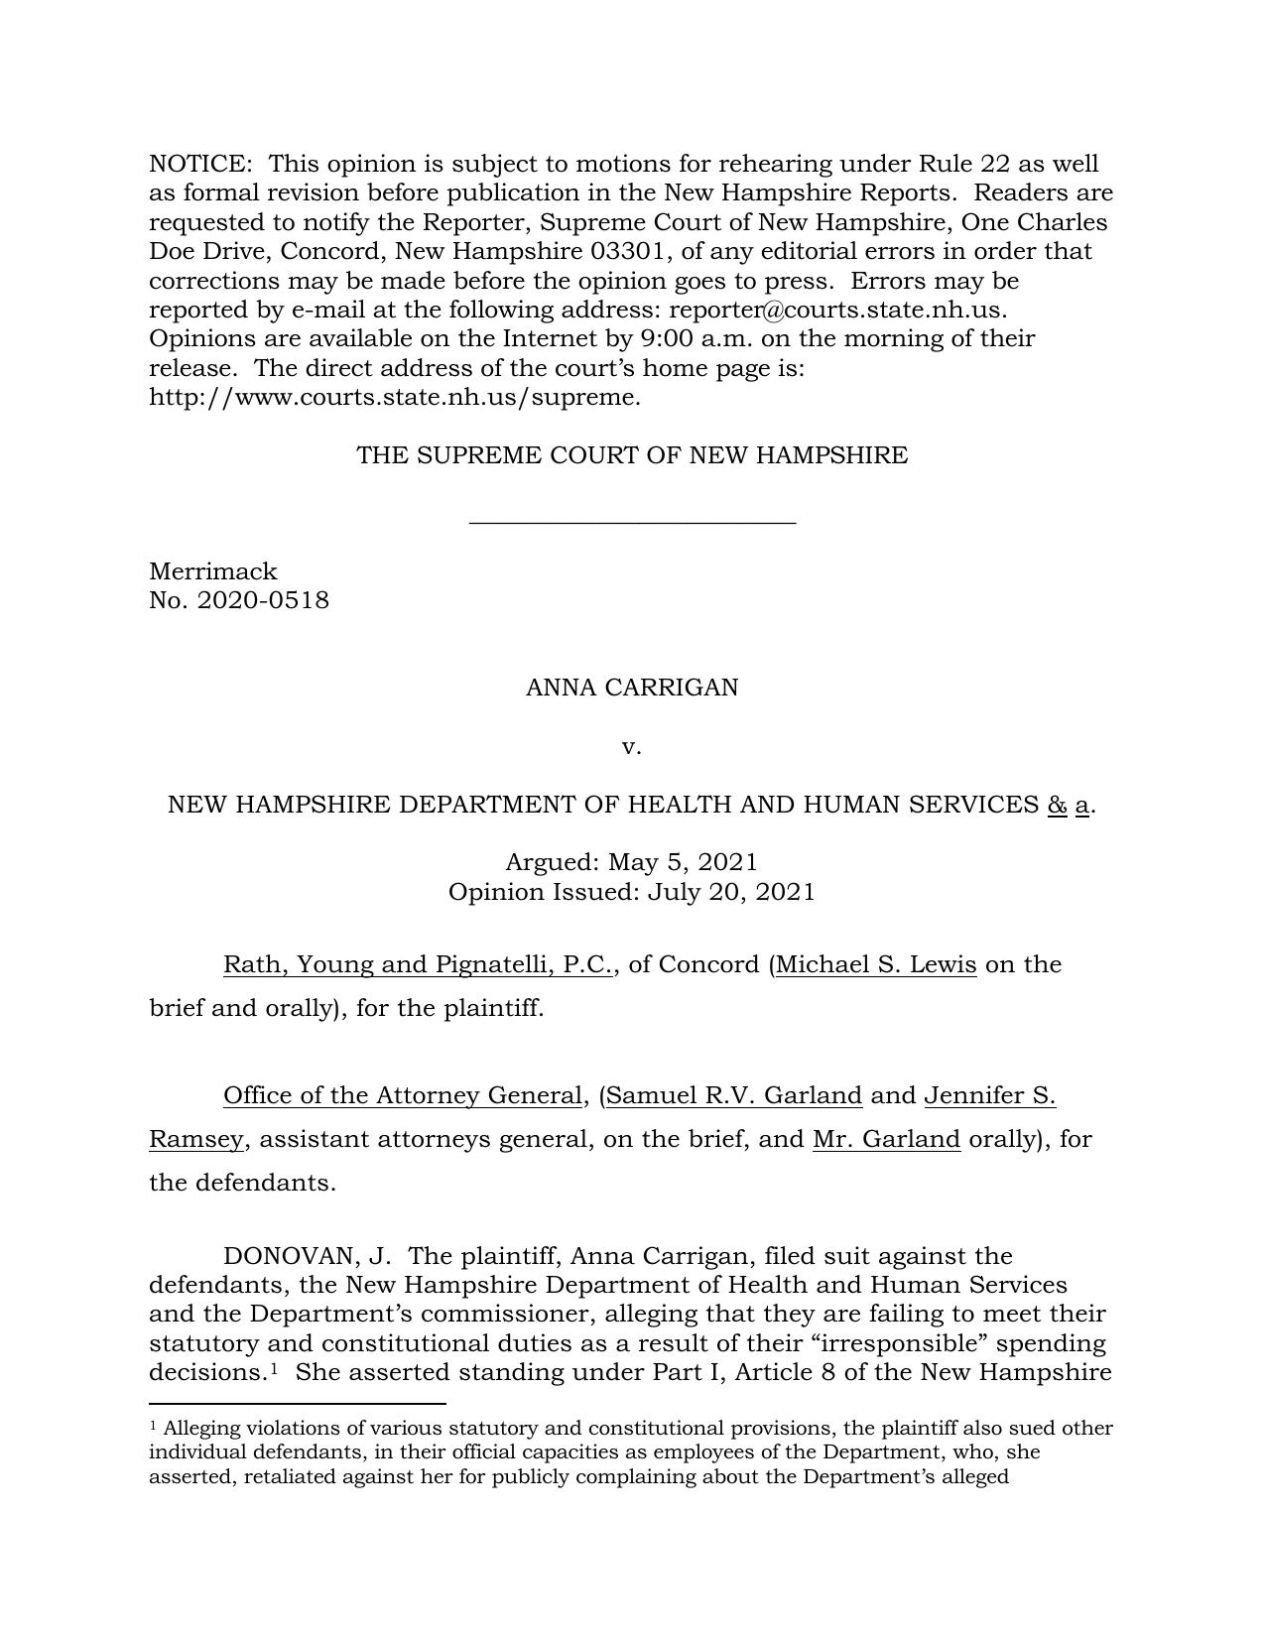 Carrigan decision